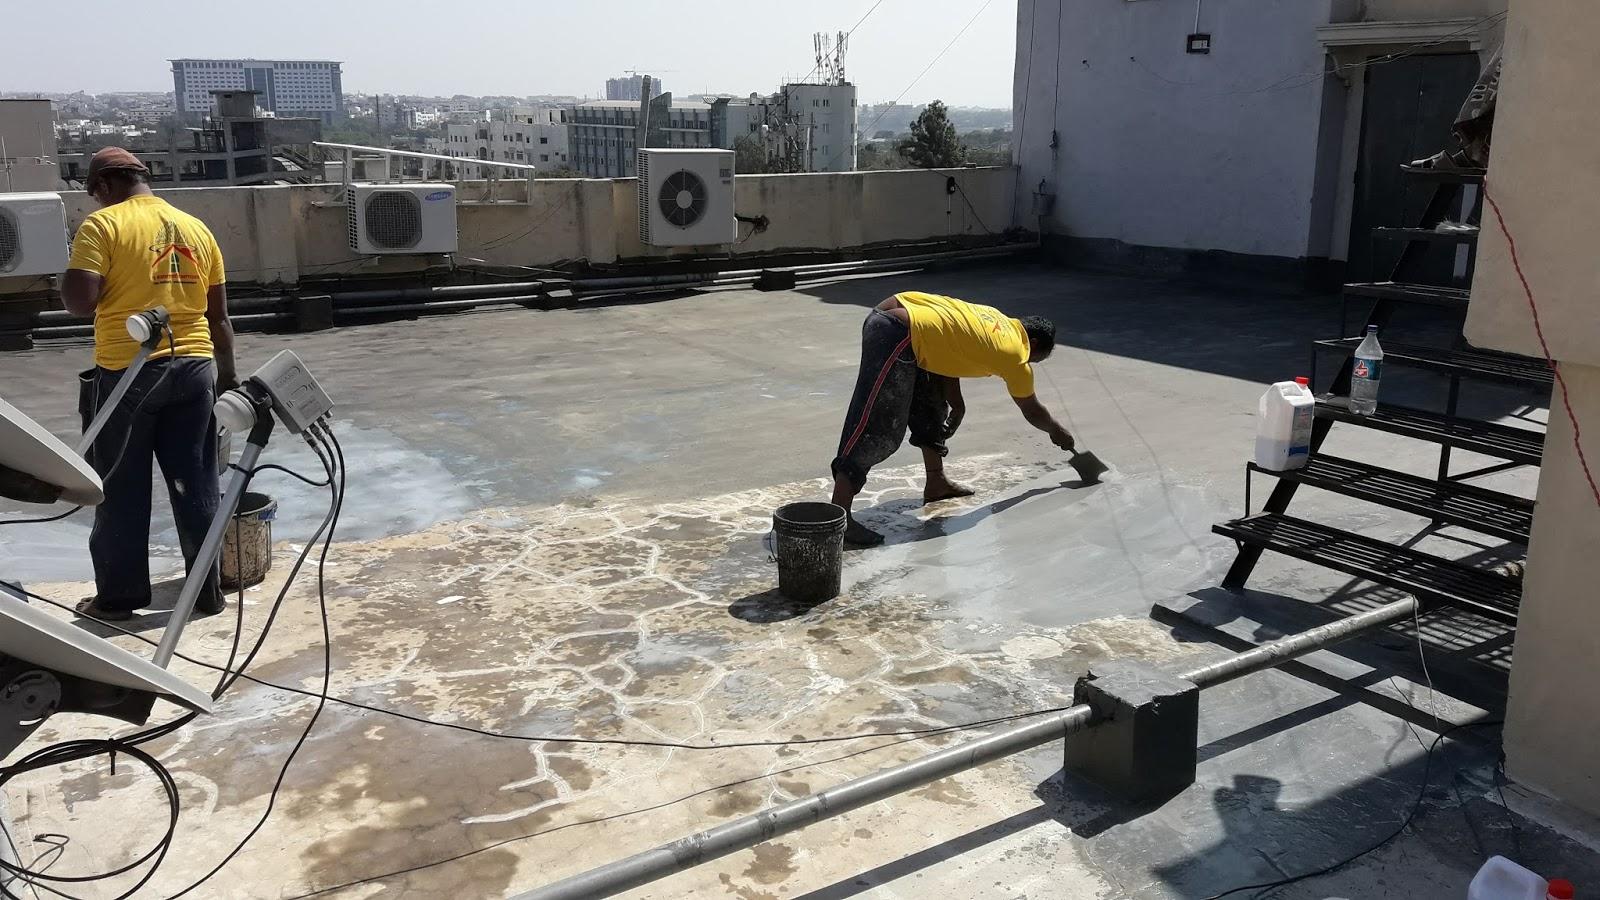 ss waterproofing services in Hyderabad | Waterproofing contractors